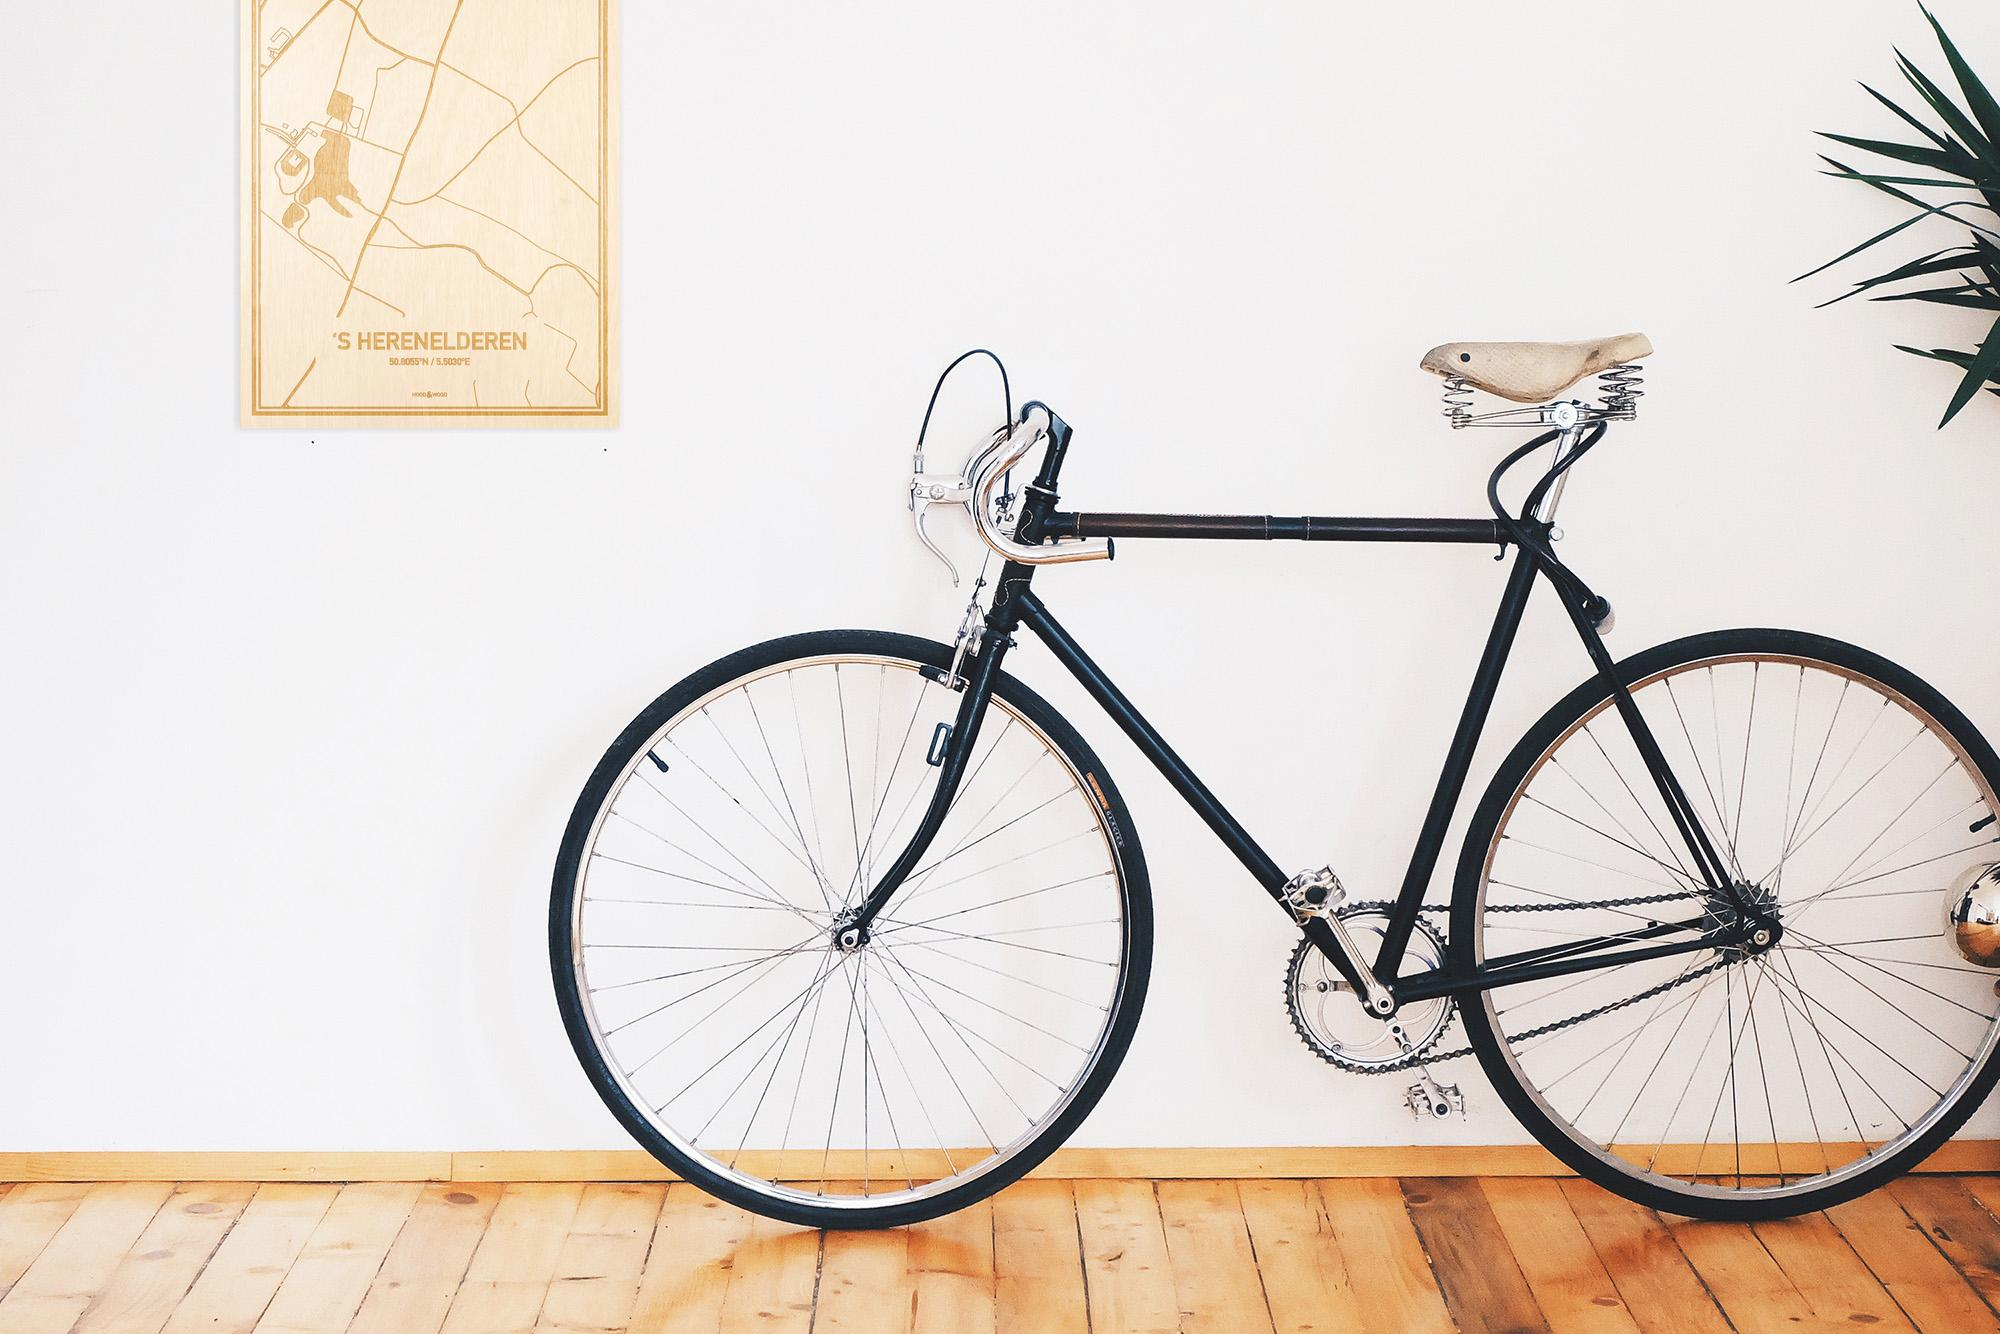 Een snelle fiets in een uniek interieur in Limburg met mooie decoratie zoals de plattegrond 'S Herenelderen.